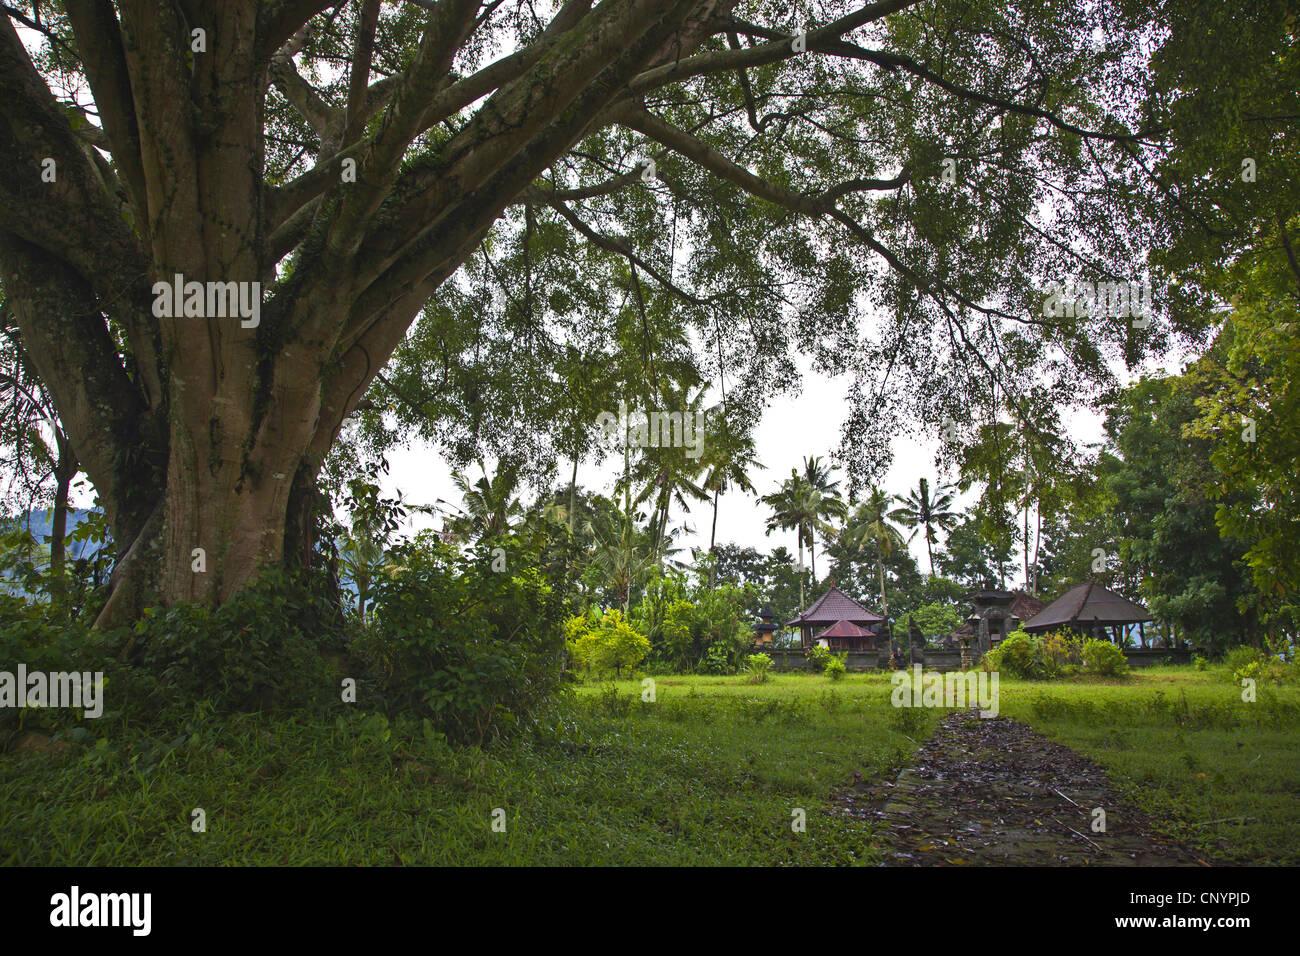 ein Hindu-Tempel in einem ländlichen Dorf, Indonesien, Bali Stockbild